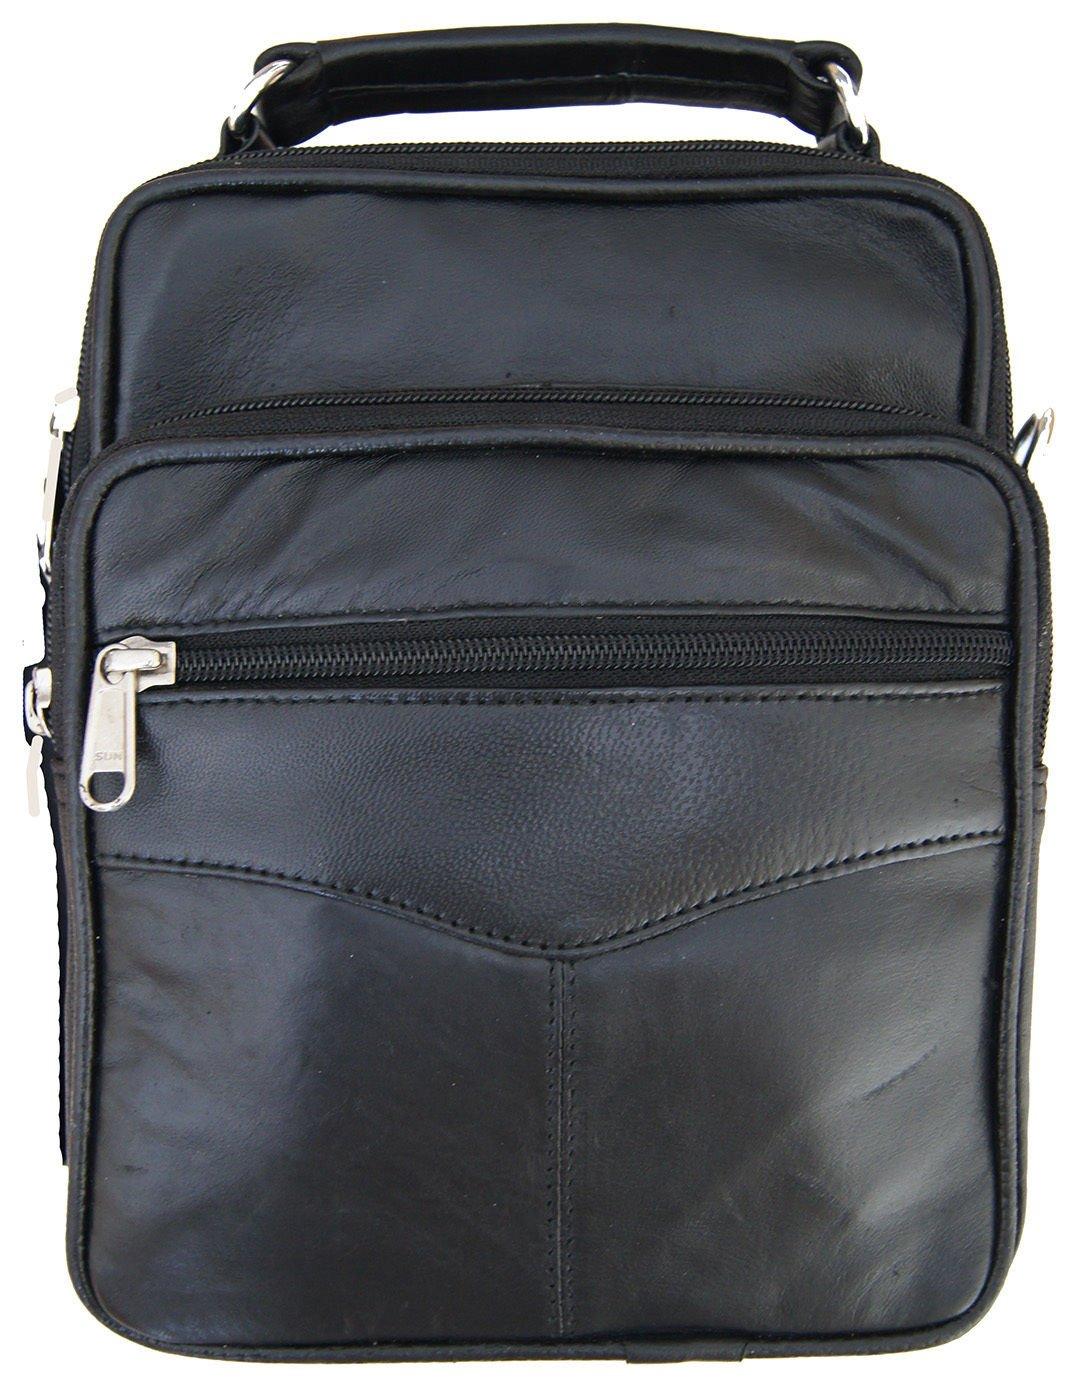 Mens Leather Crossbody Messenger Shoulder Bag Satchel Small Handbag Tablet Kit